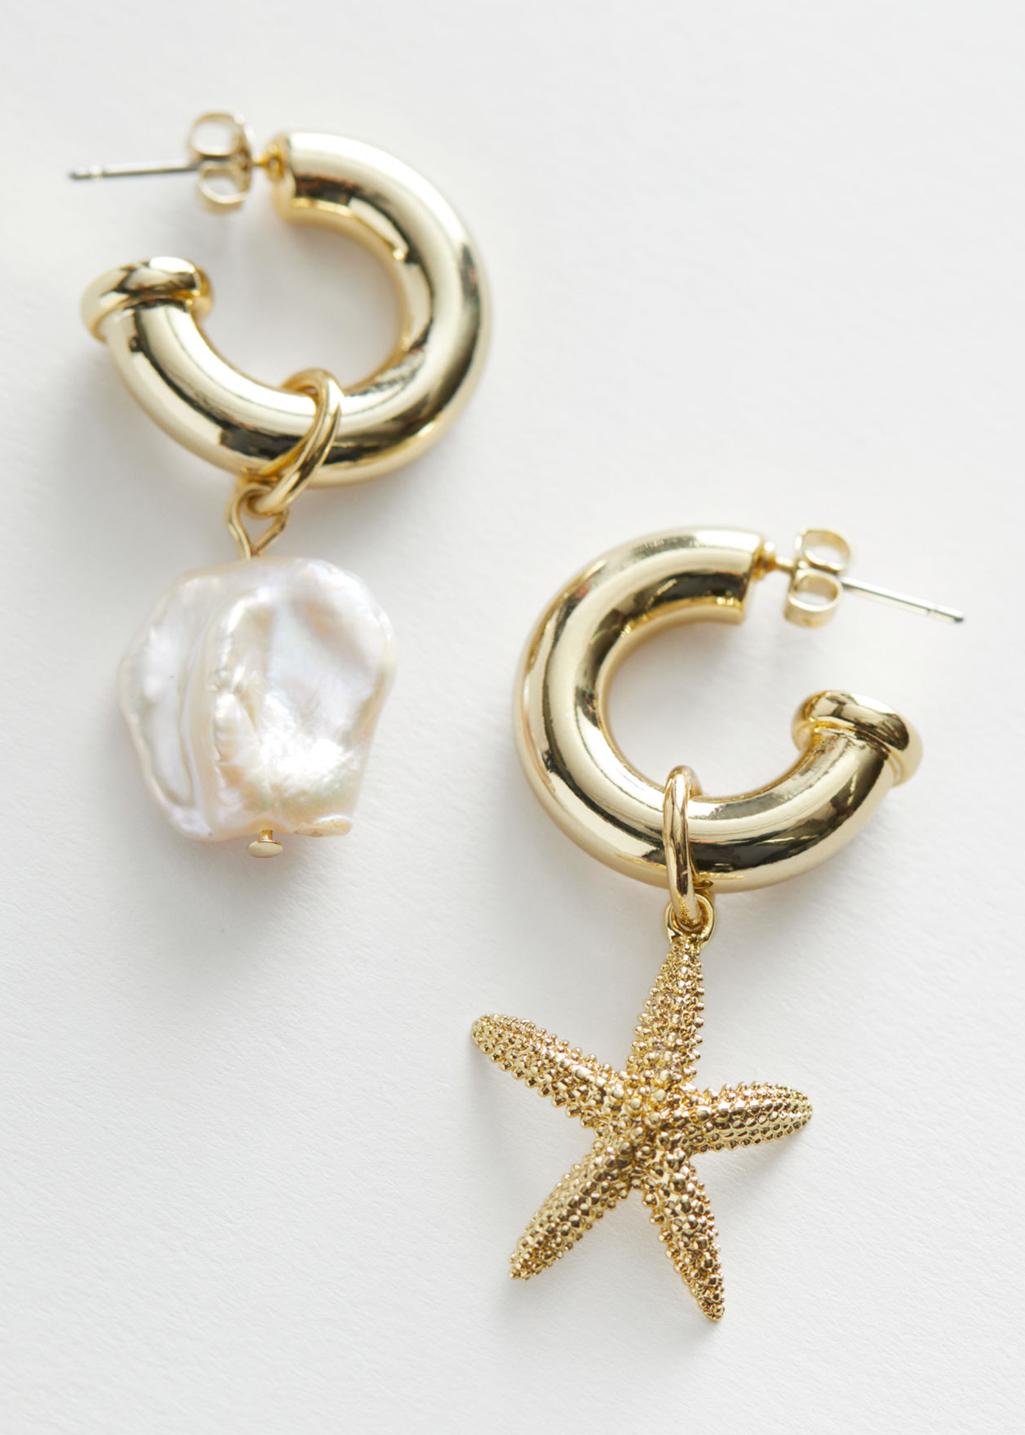 pearl and glod earrings